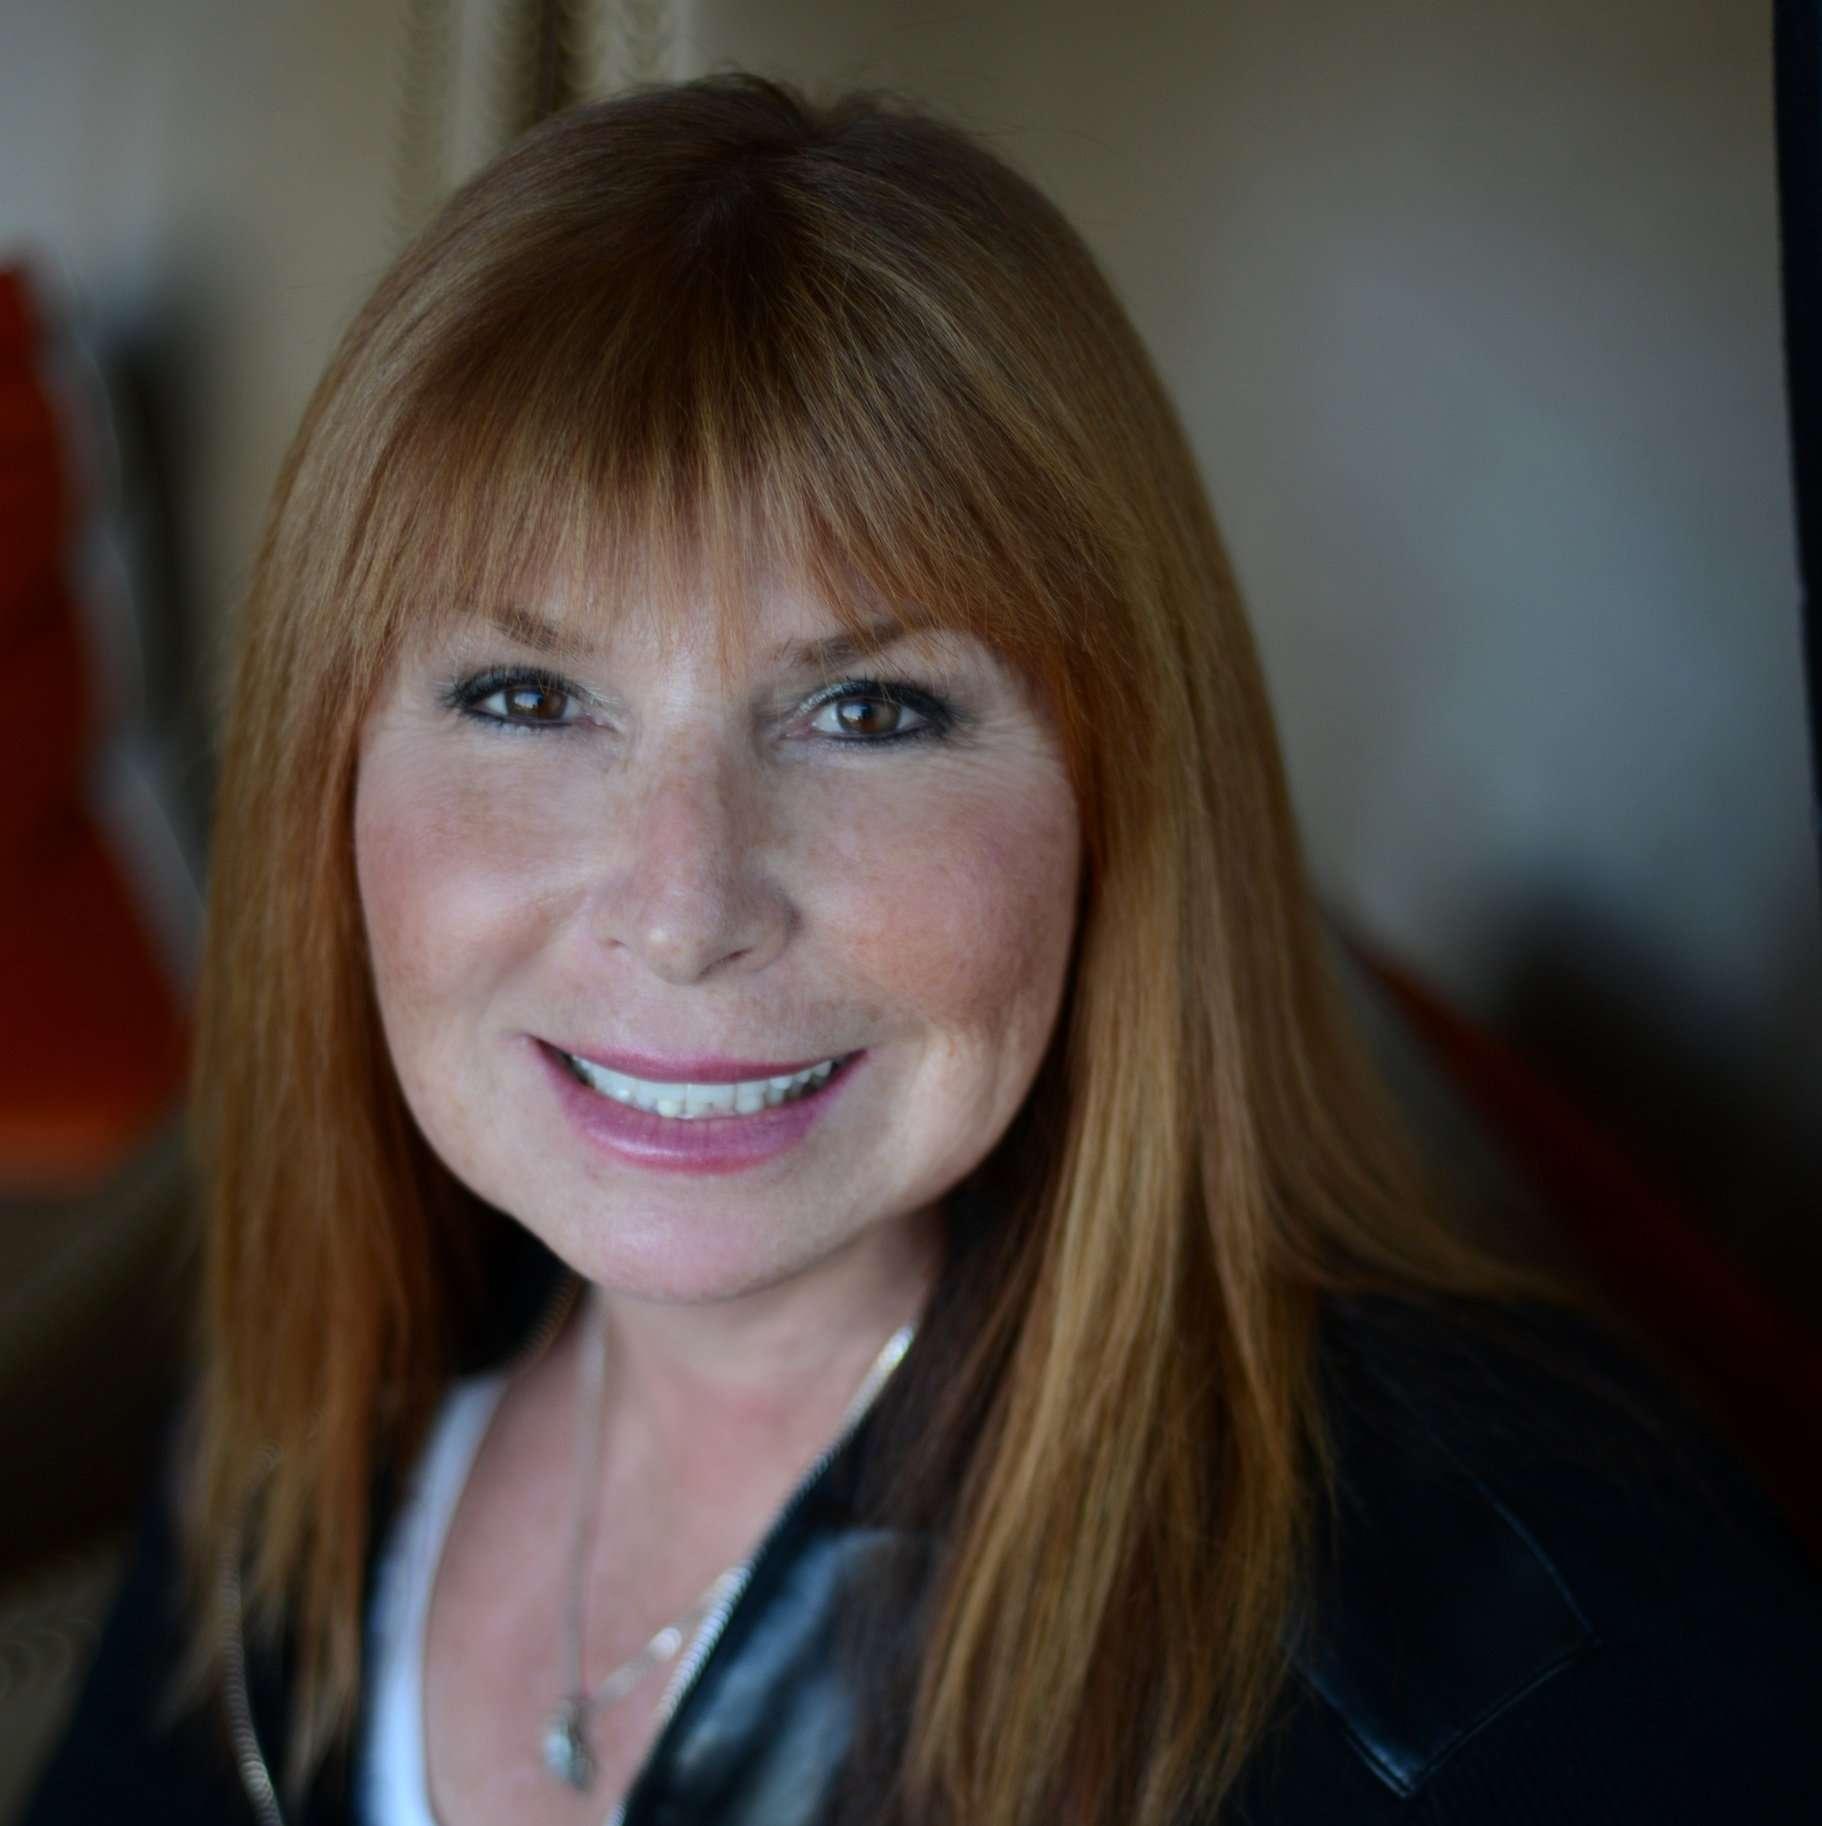 Michelle Bonfiglio